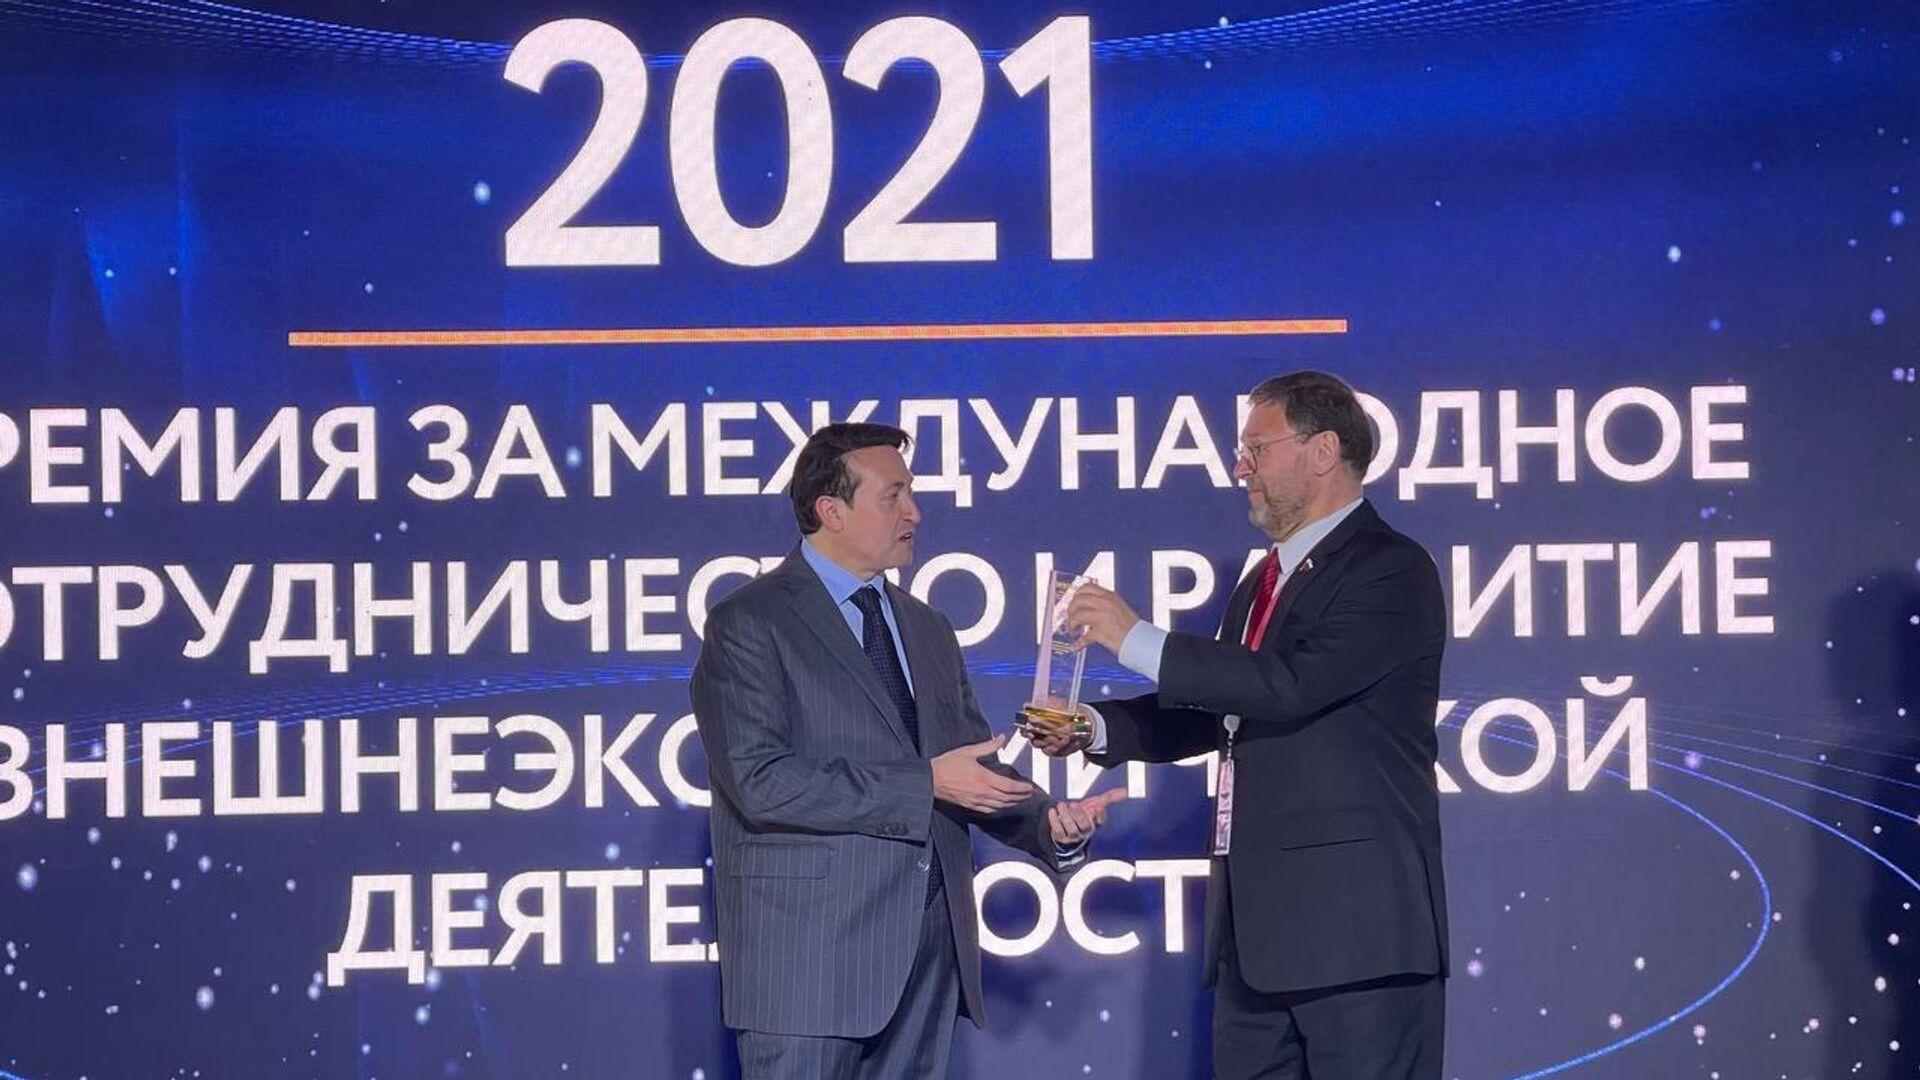 """Vincenzo Trani insignito del Premio """"International Cooperation Trade Award"""" per aver favorito lo sviluppo della cooperazione commerciale tra Italia e Russia allo SPIEF 2021 - Sputnik Italia, 1920, 03.06.2021"""